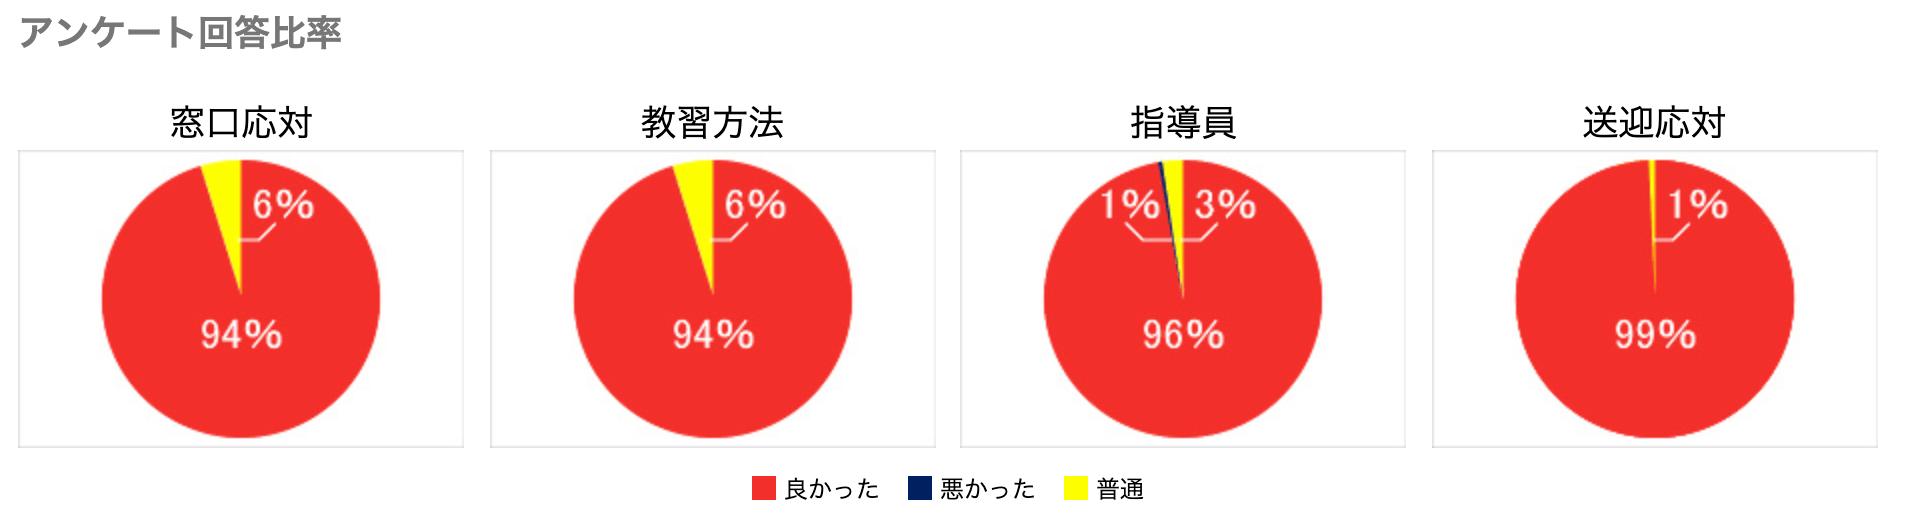 小樽自動車学校 合宿免許 評判